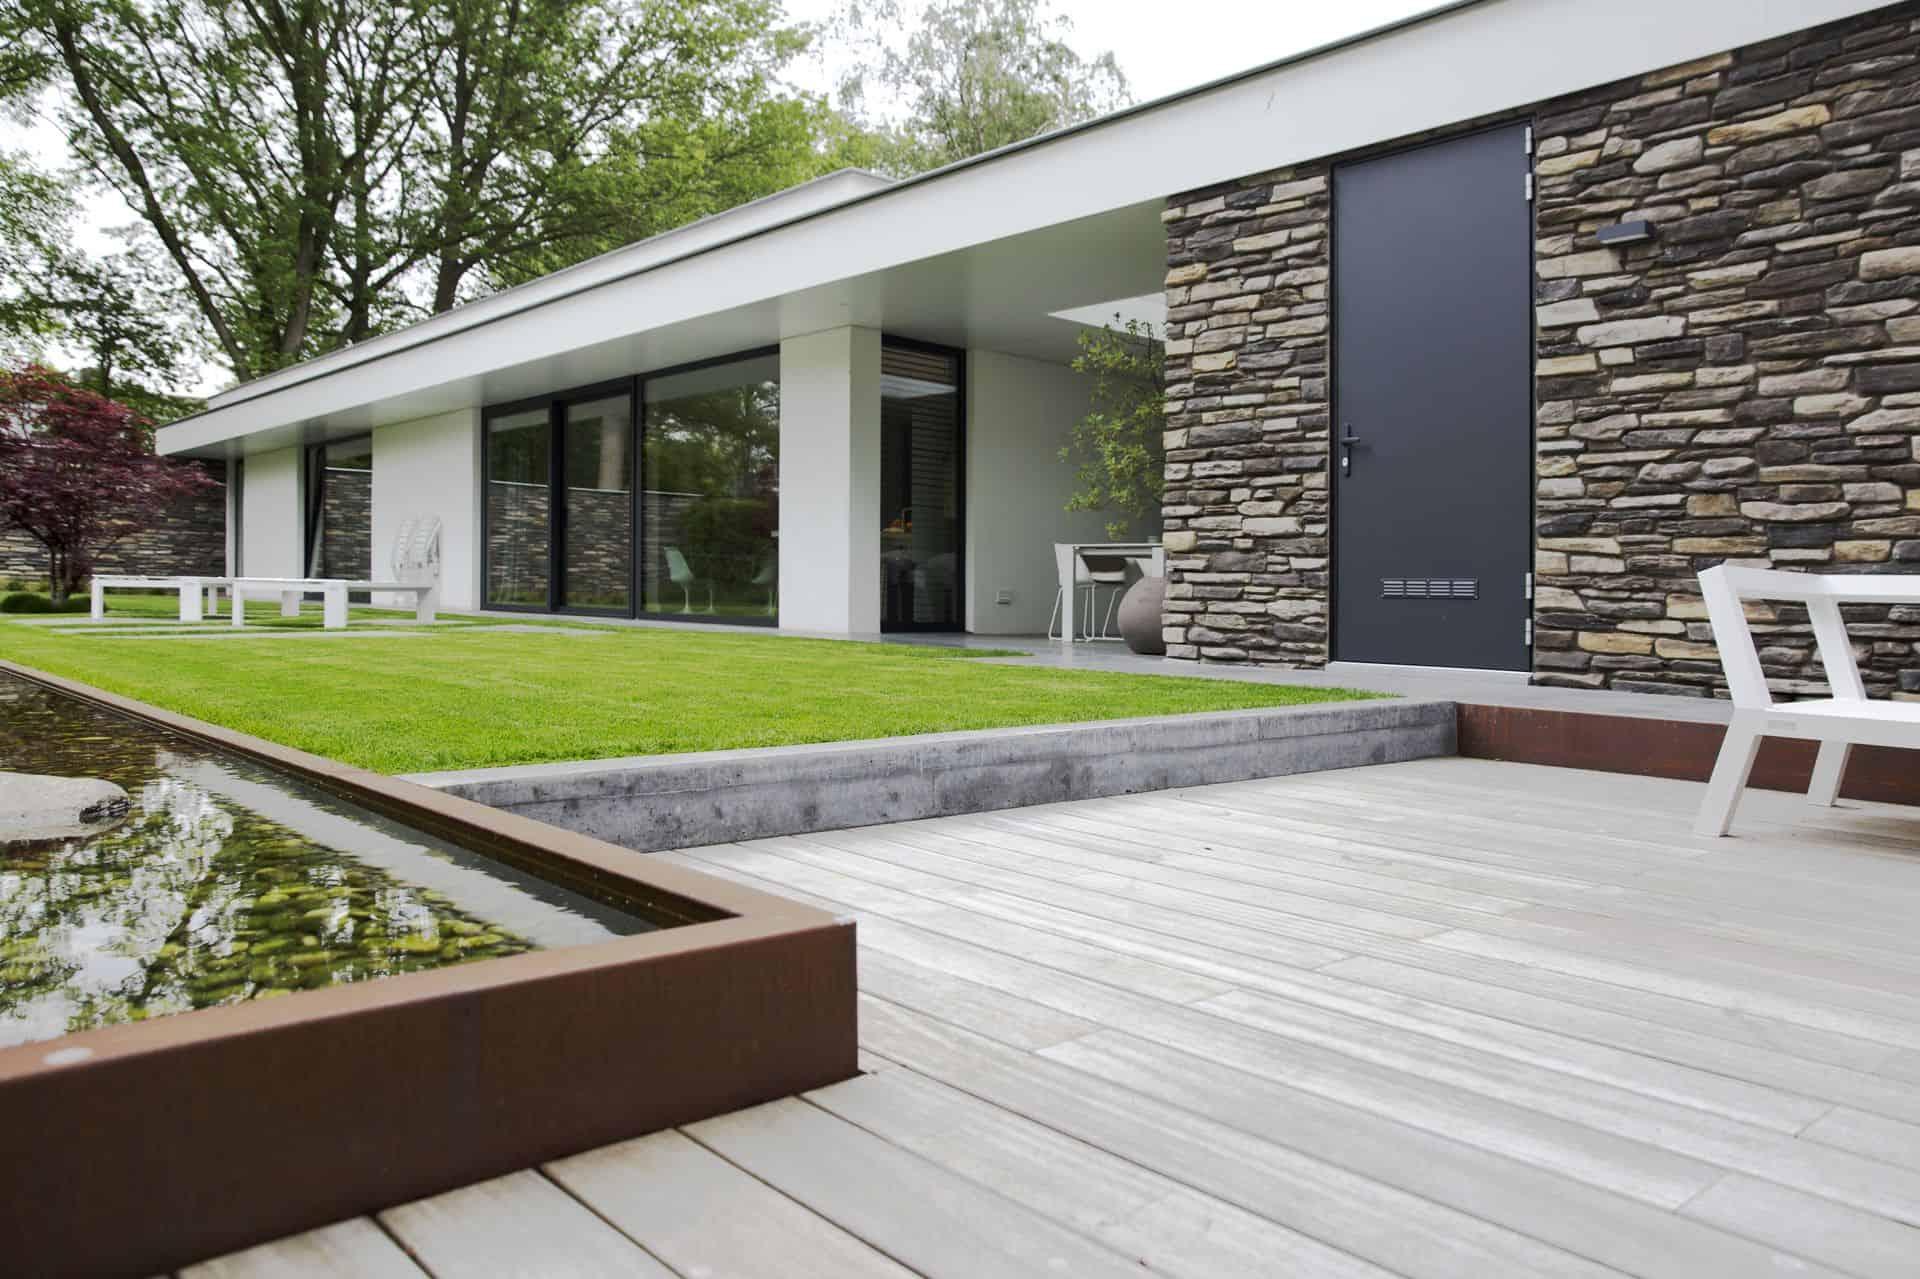 beton in de tuin